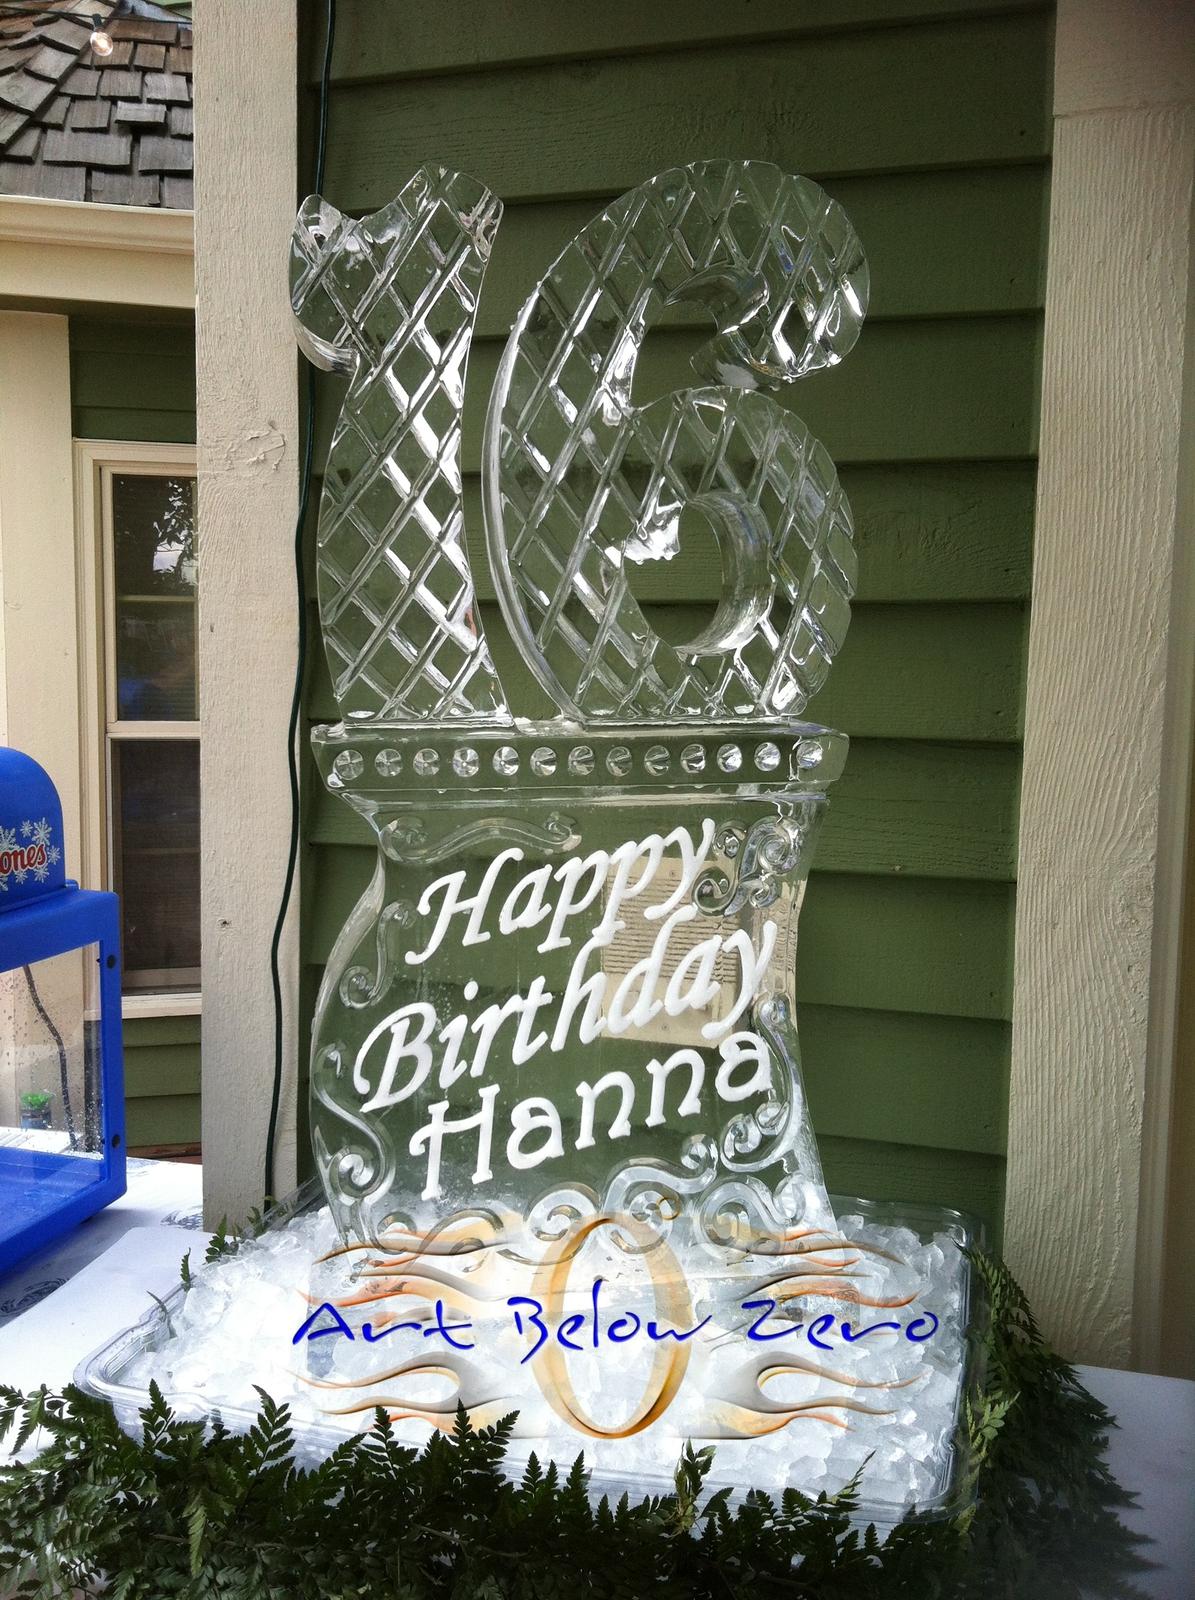 Birthdays anniversary ice sculptures by art below zero